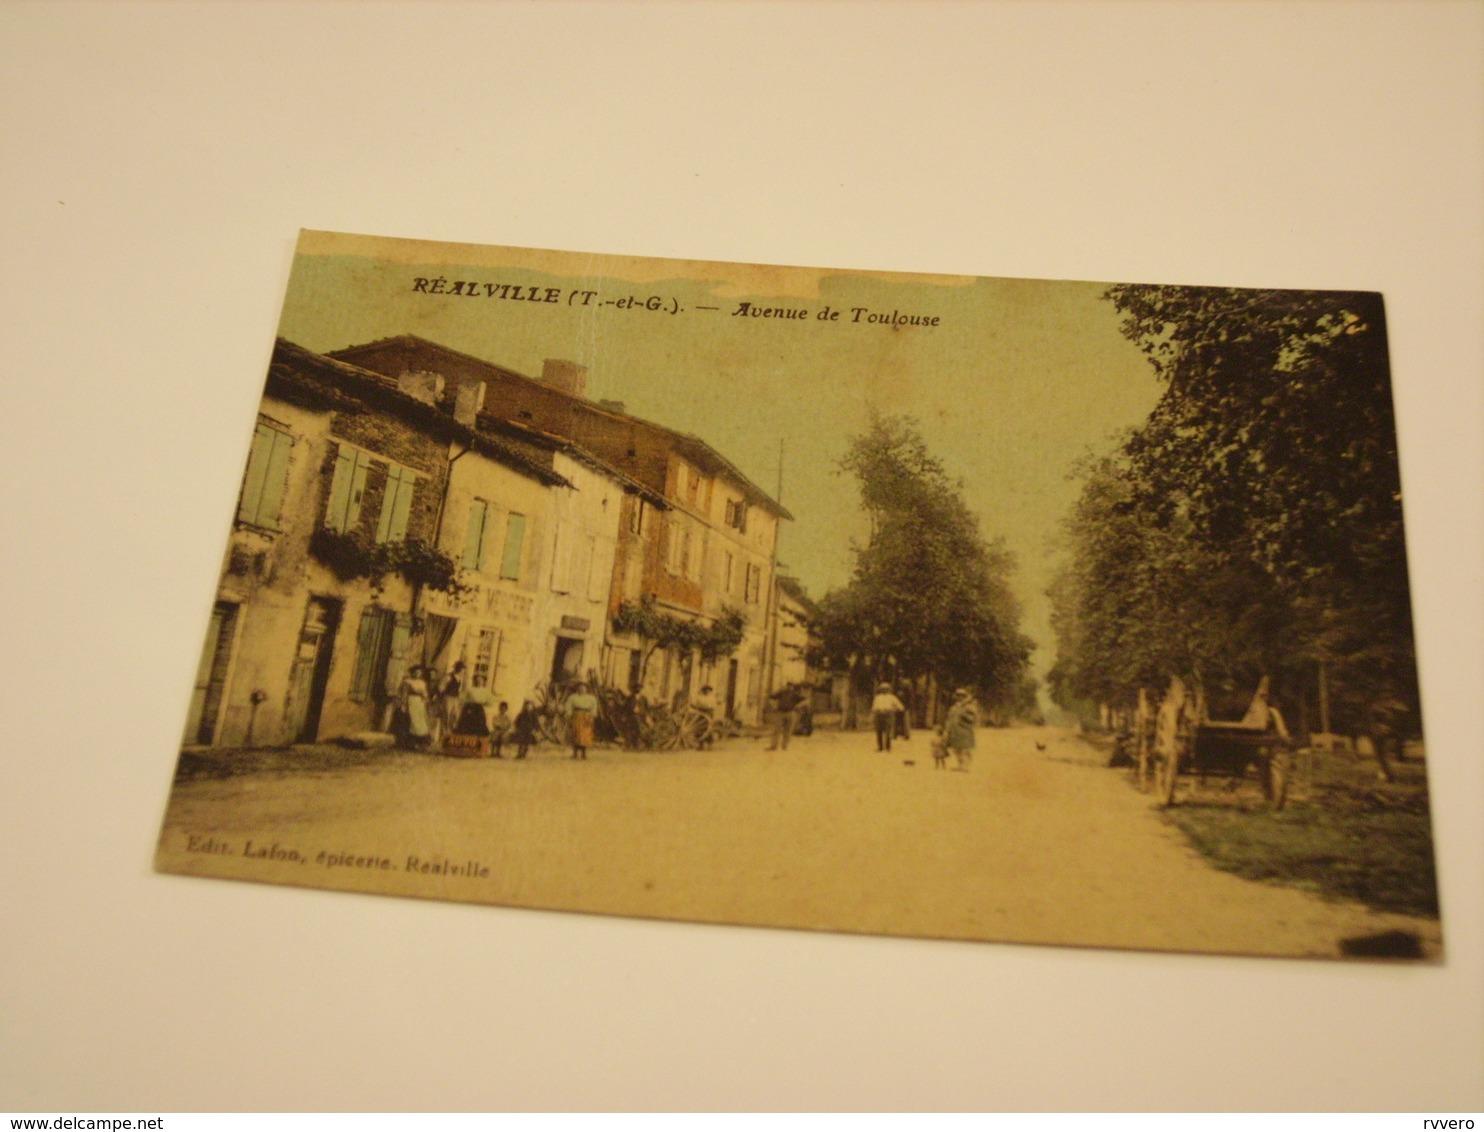 REALVILLE AVENUE DE TOULOUSE - Realville